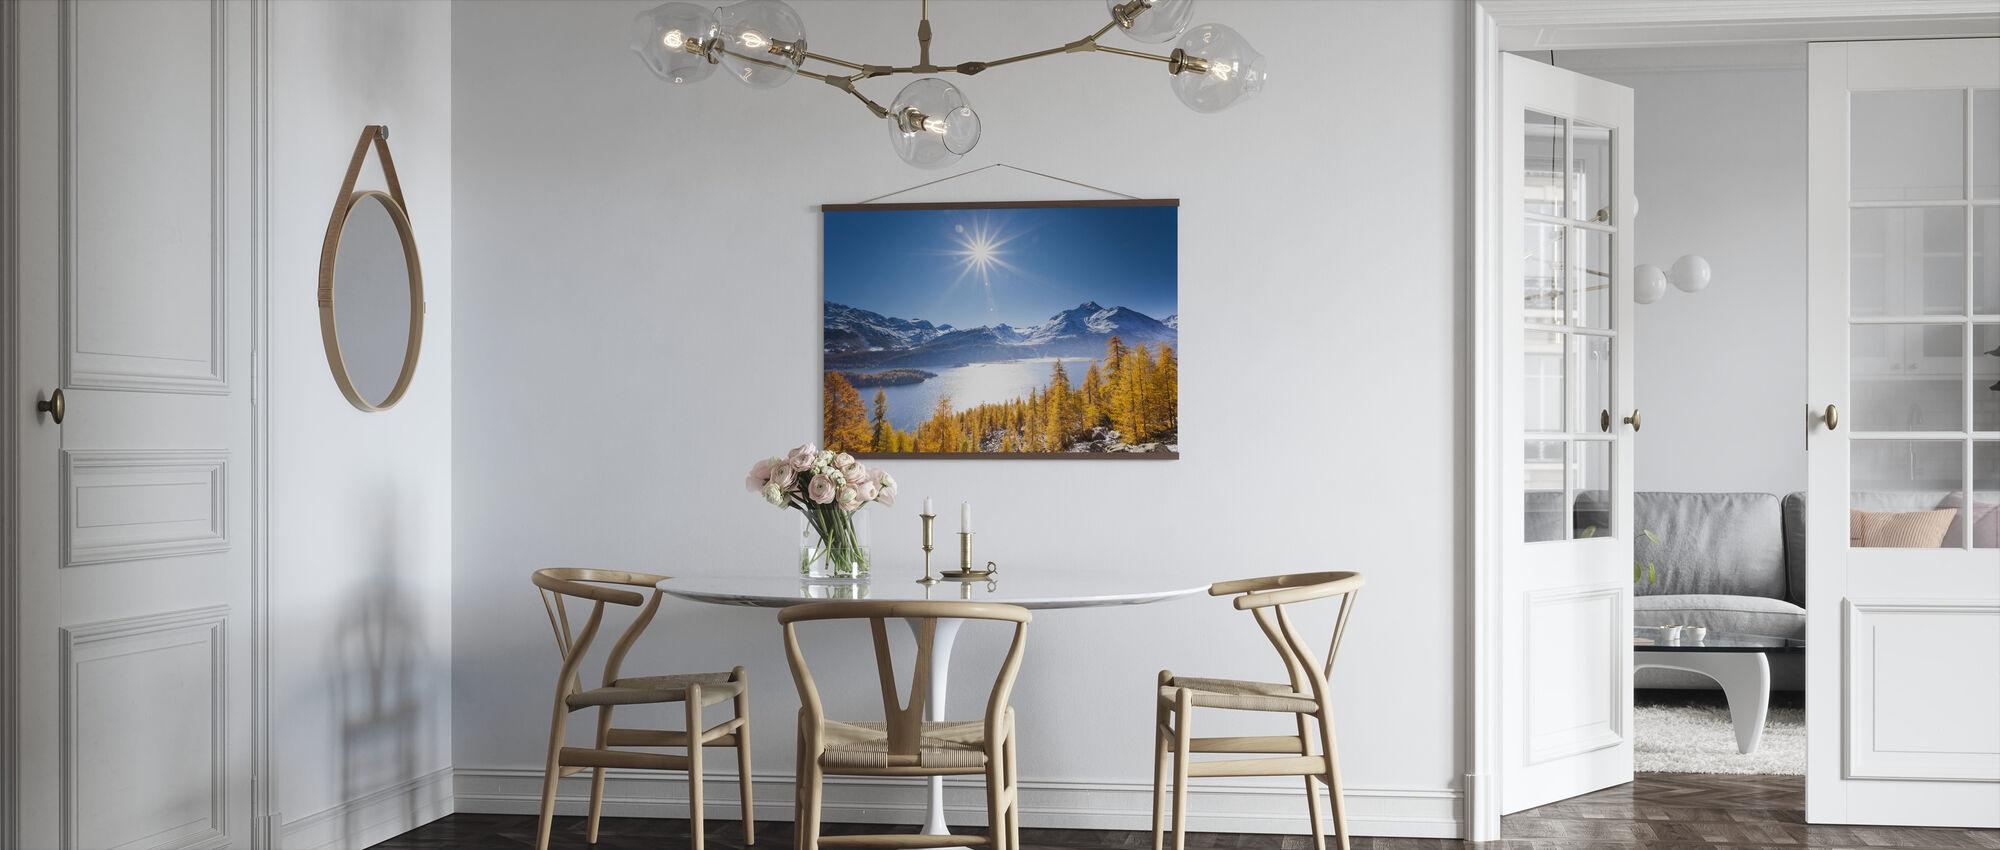 Graubunden, Sveits - Plakat - Kjøkken